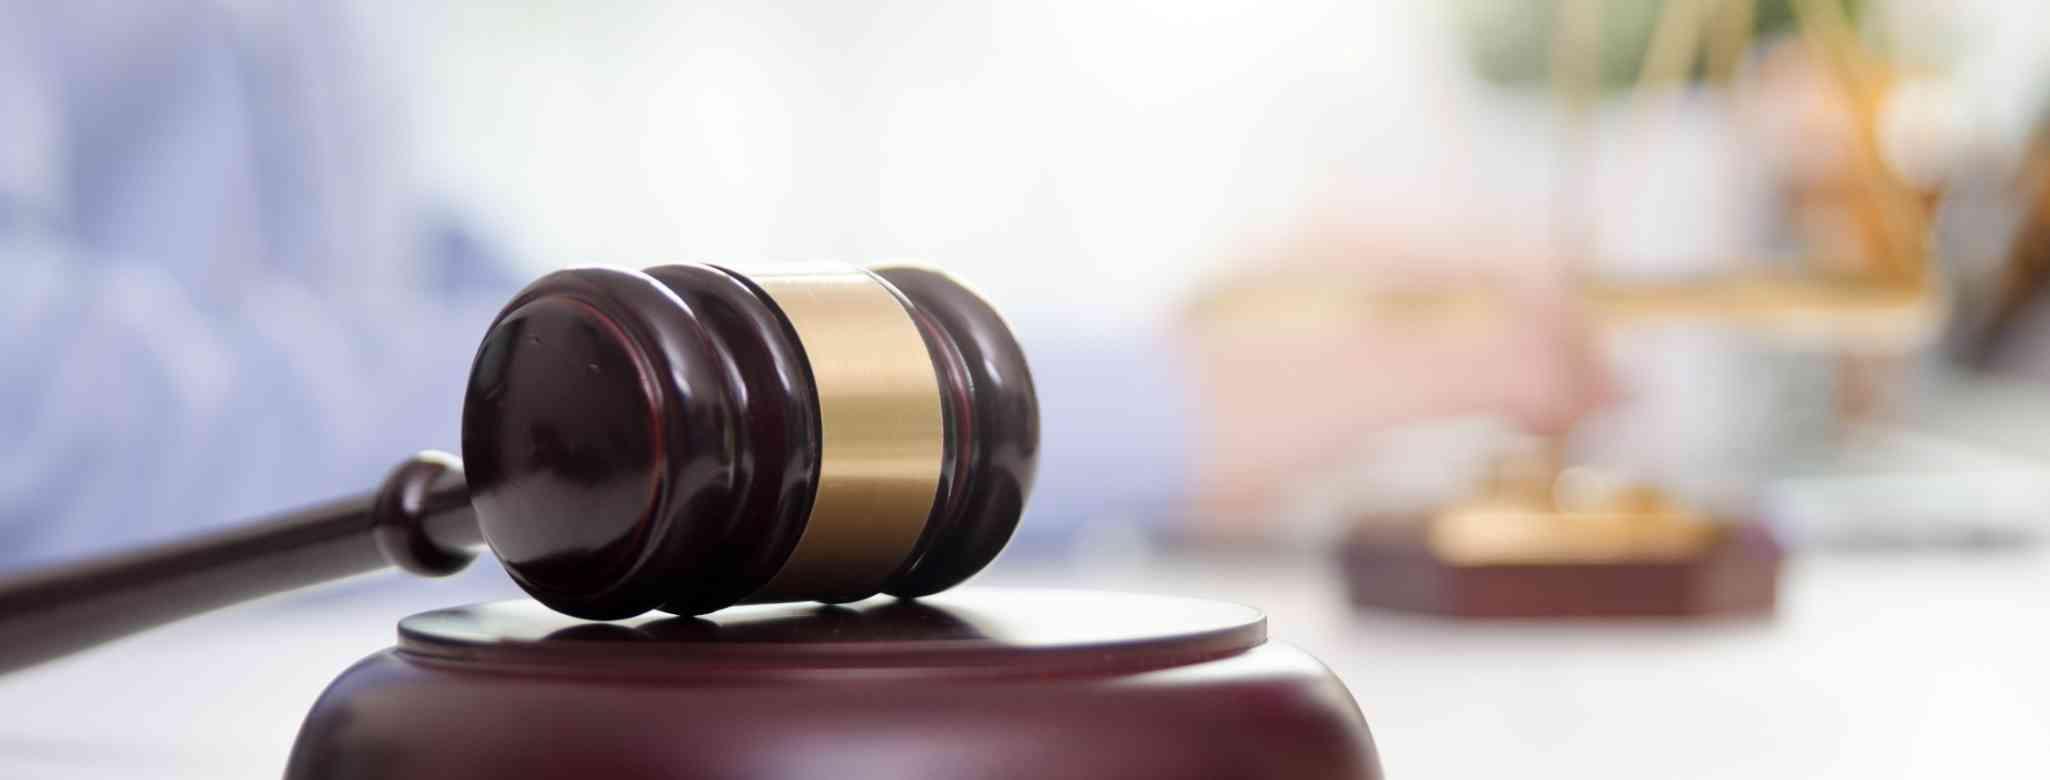 המלצה על עורכי דין פליליים